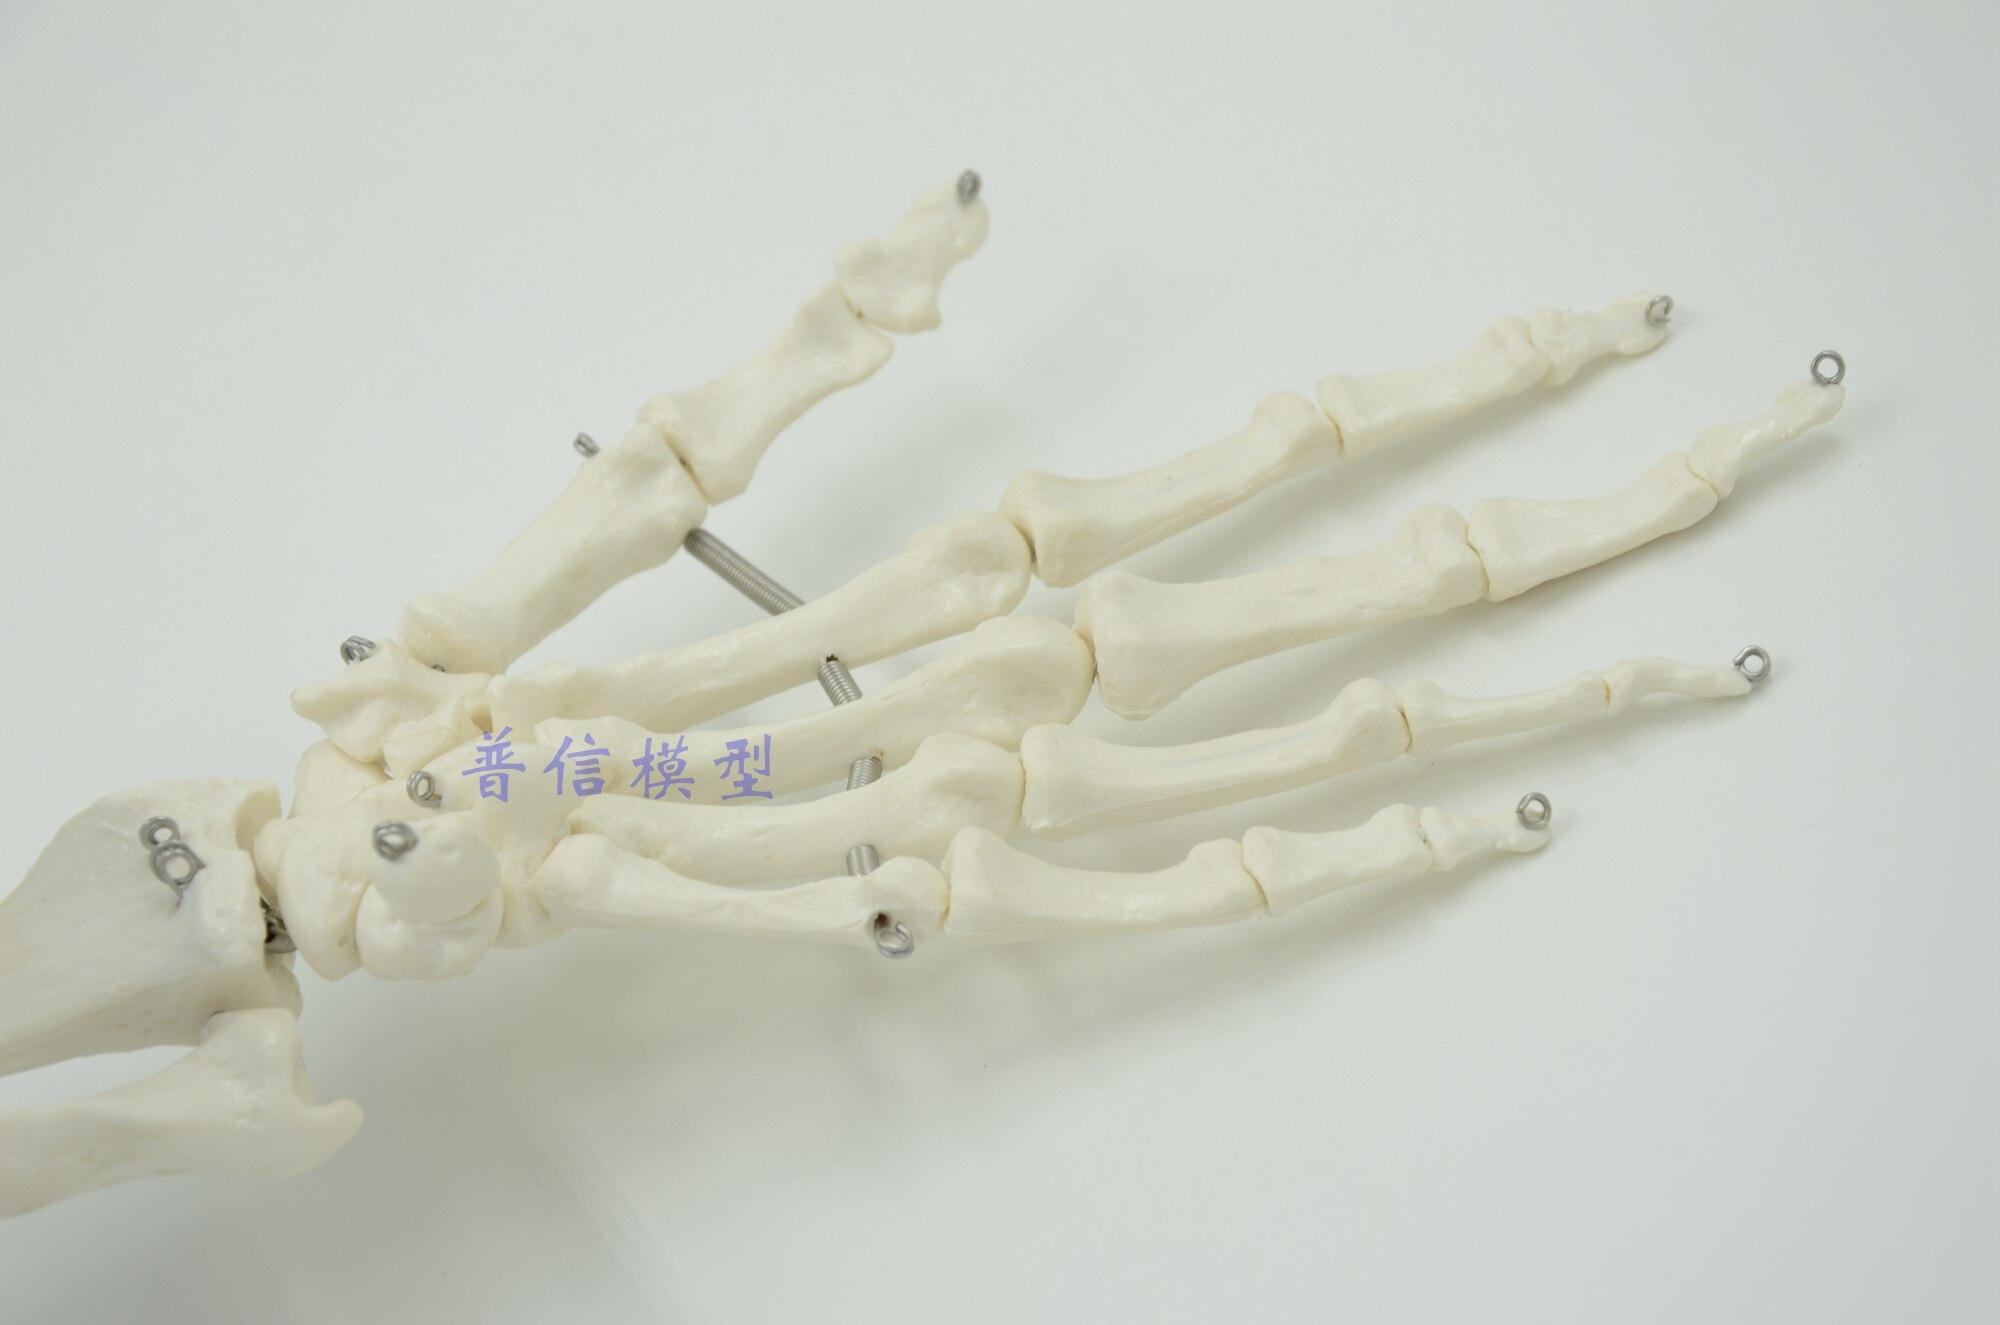 Schön Handgelenk Und Handknochen Galerie - Menschliche Anatomie ...